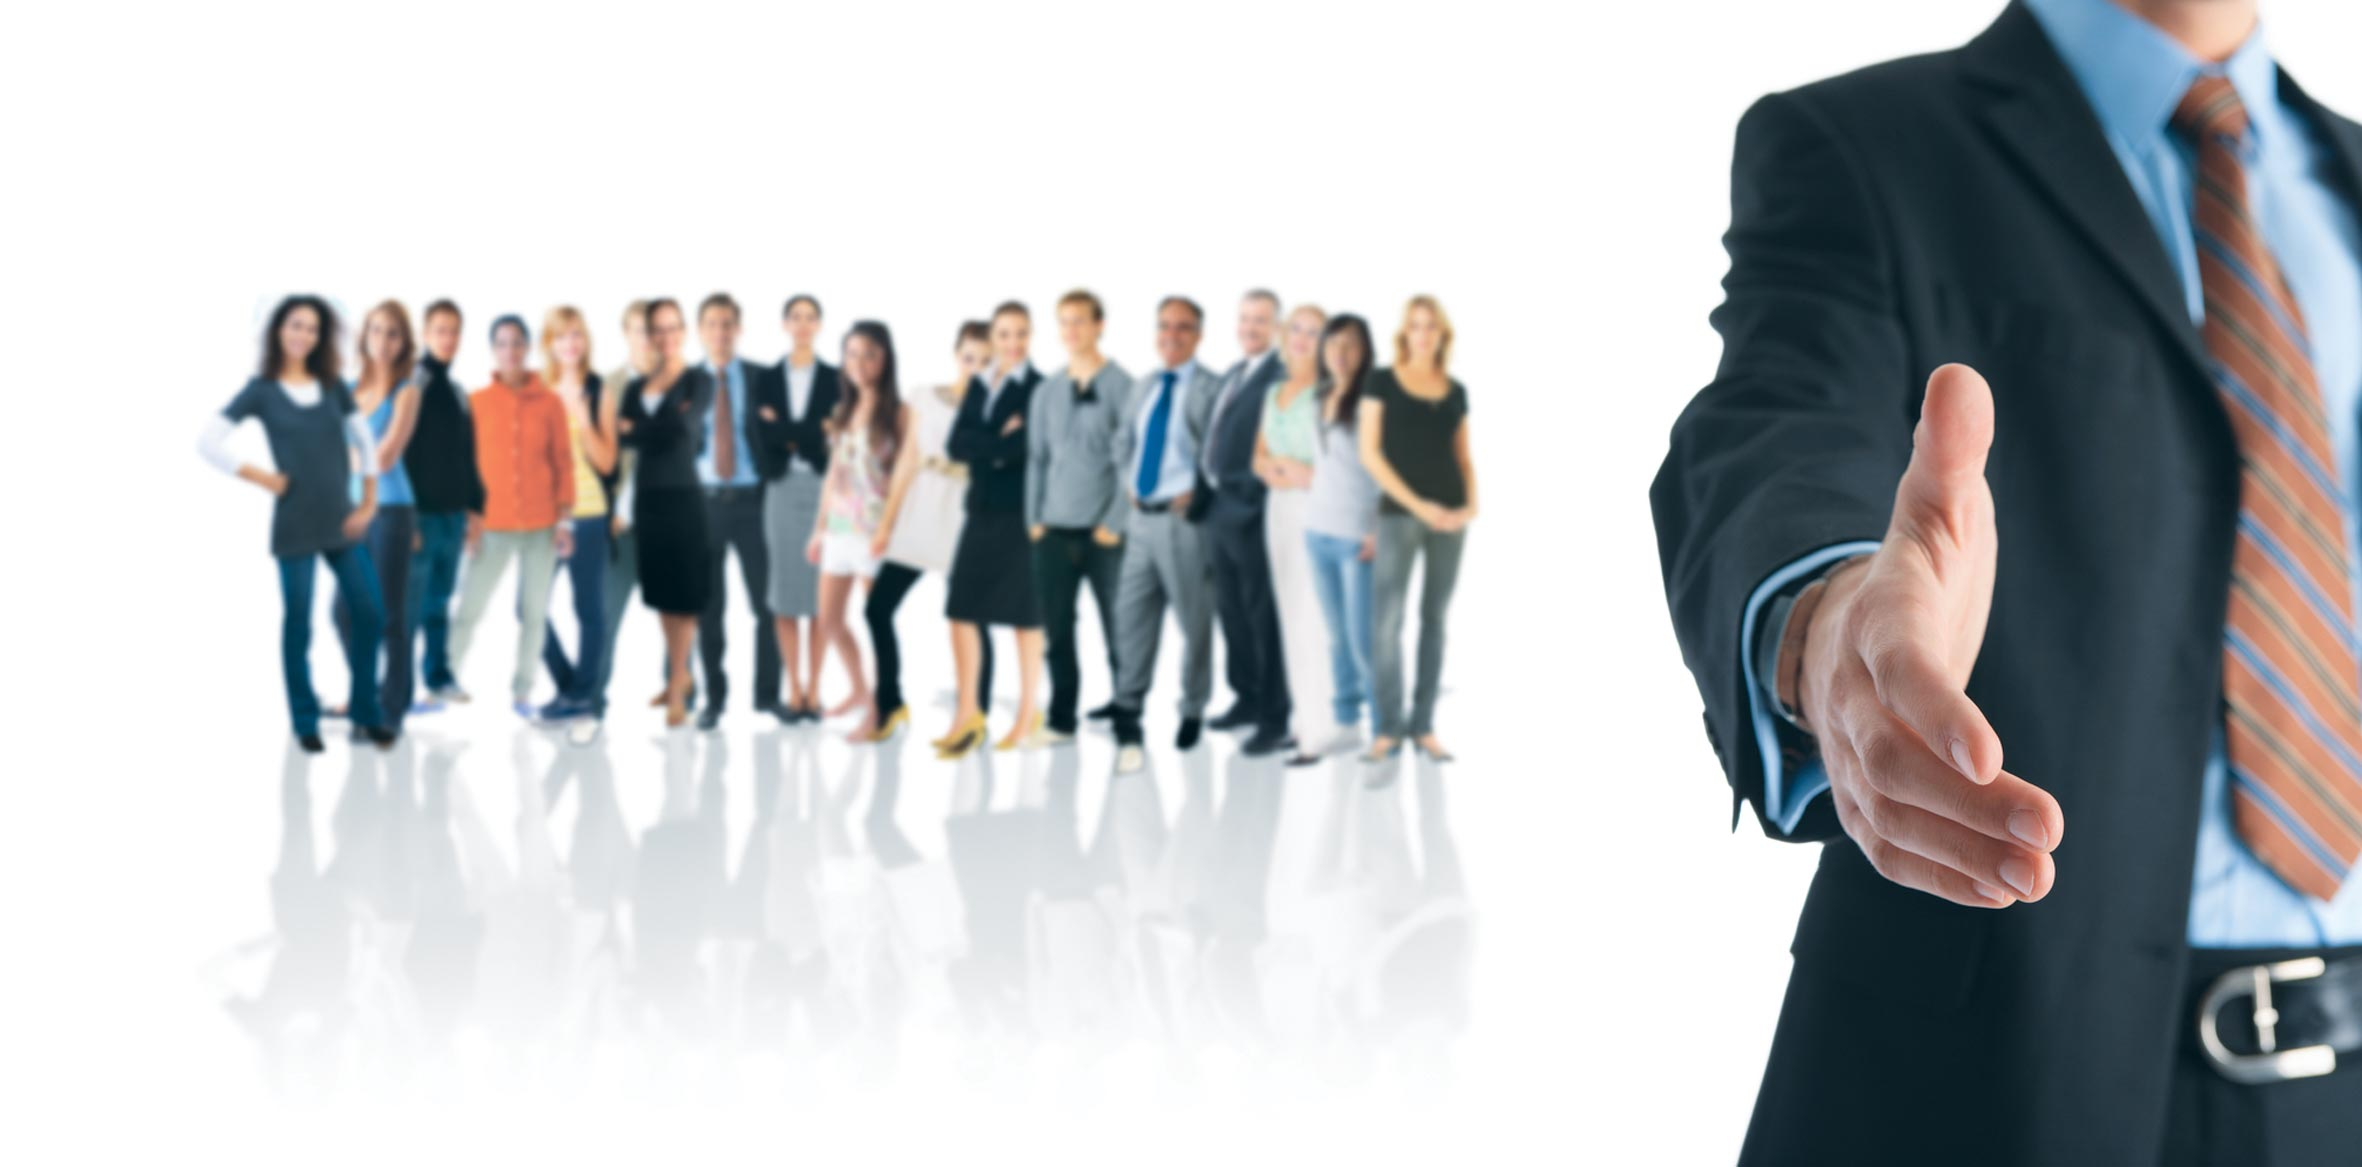 Ngành nghề kinh doanh có điều kiện theo pháp luật Việt Nam